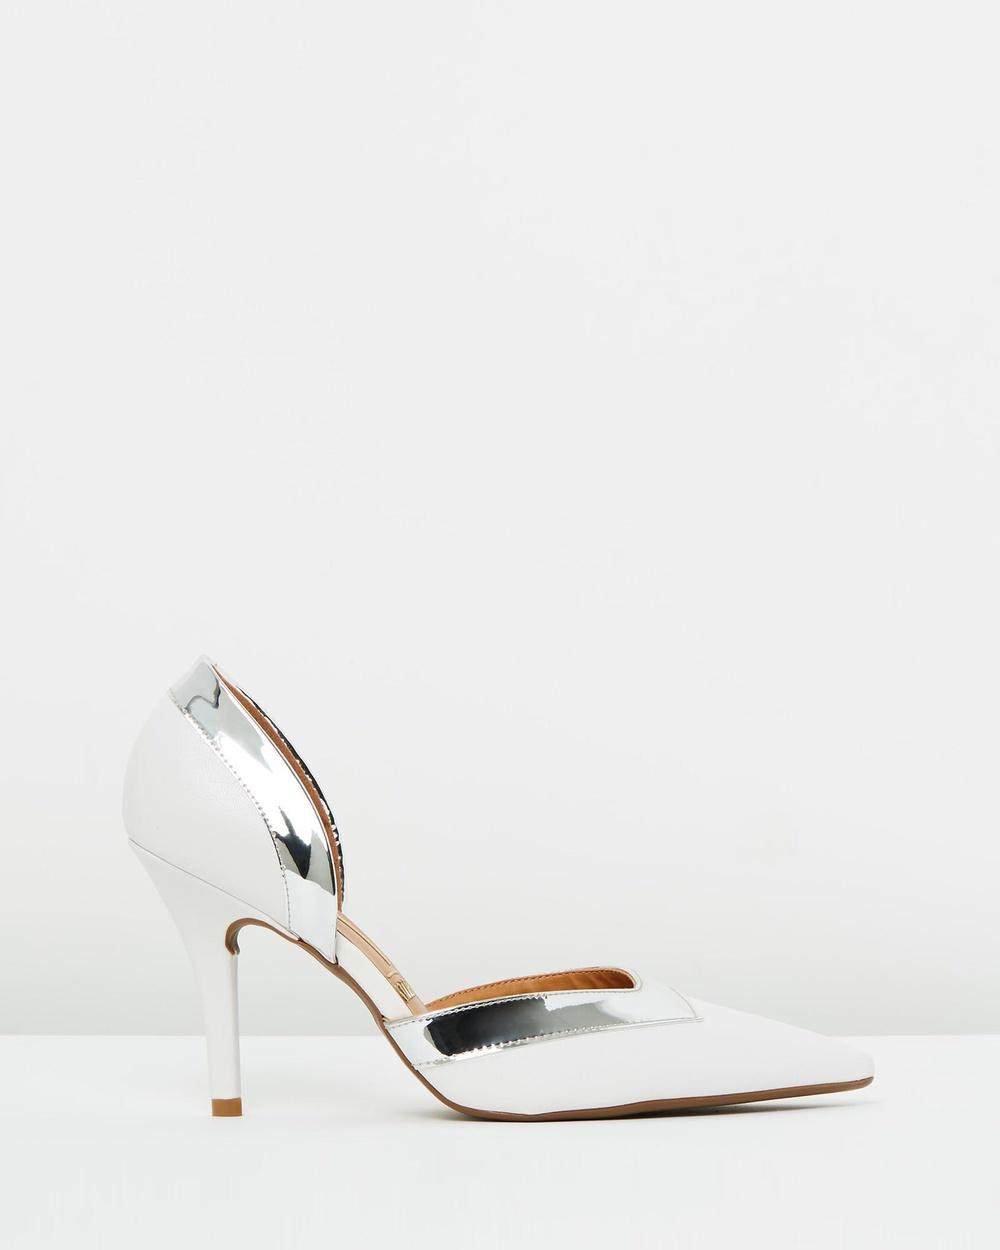 Vizzano Corina D'Orsey Heels All Pumps White Corina D'Orsey Heels